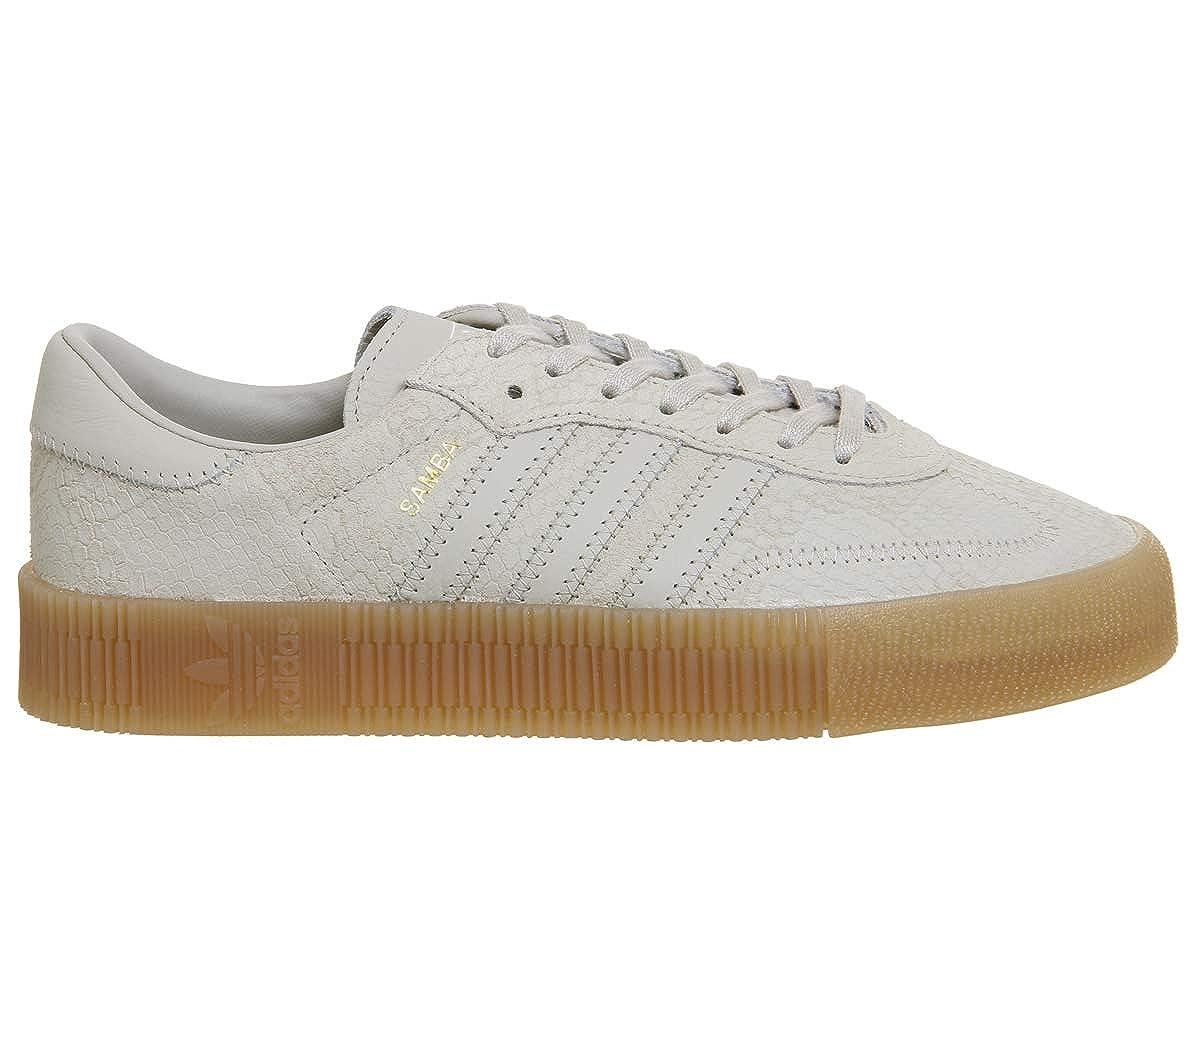 Adidas Damen SambaRosa W Fitnessschuhe schwarz EU